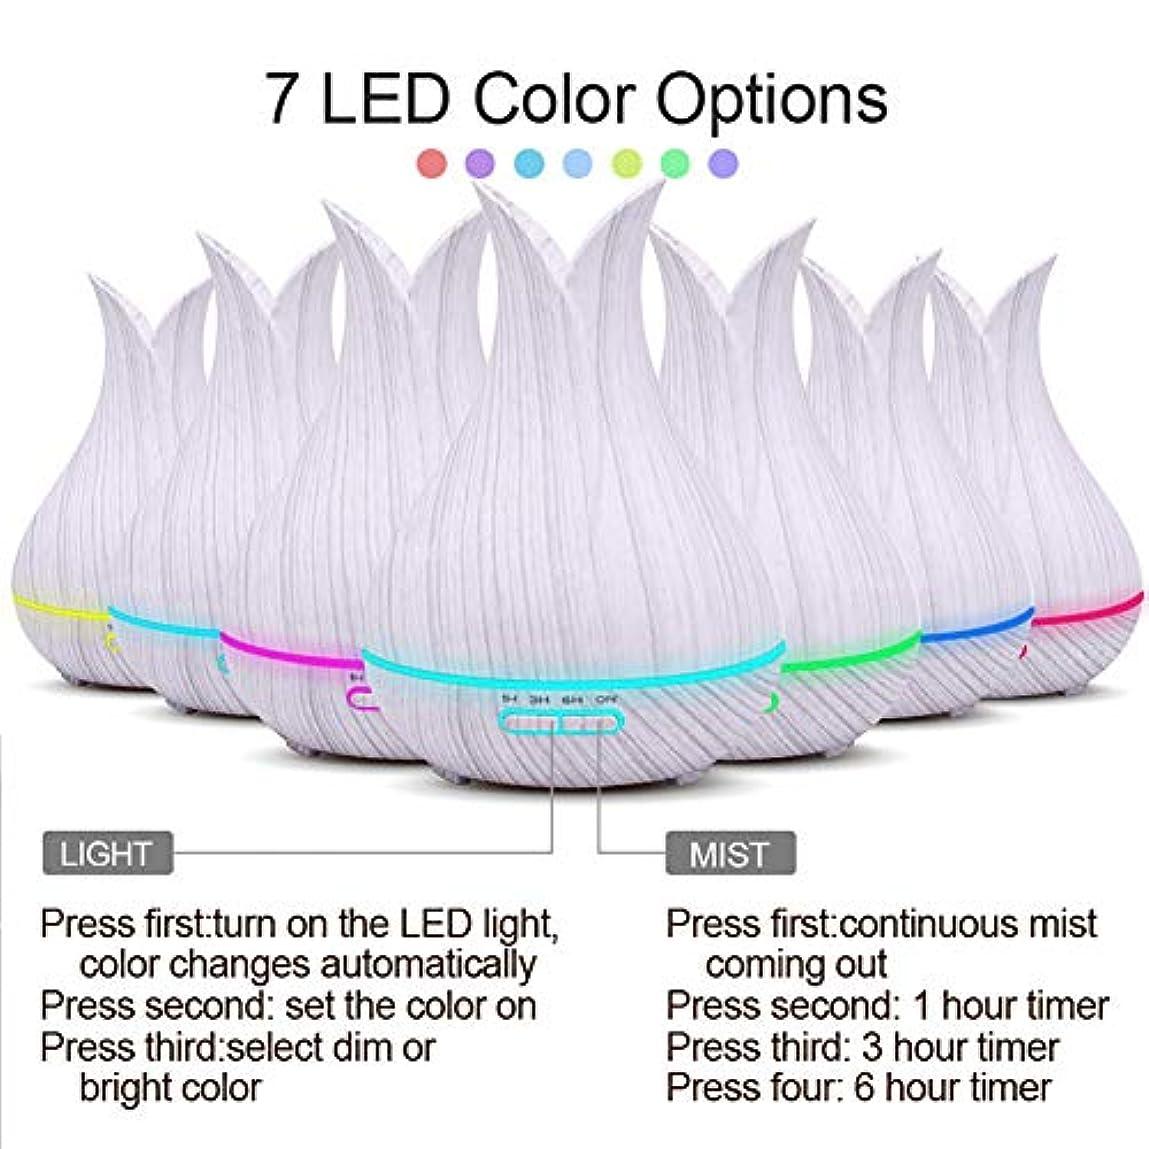 裁判所関数鋭くエッセンシャルオイルディフューザーと加湿器、ミストエッセンシャルオイルアロマ加湿器のための超音波アロマセラピーディフューザー、400ミリリットル水タンク7色LEDライト,White